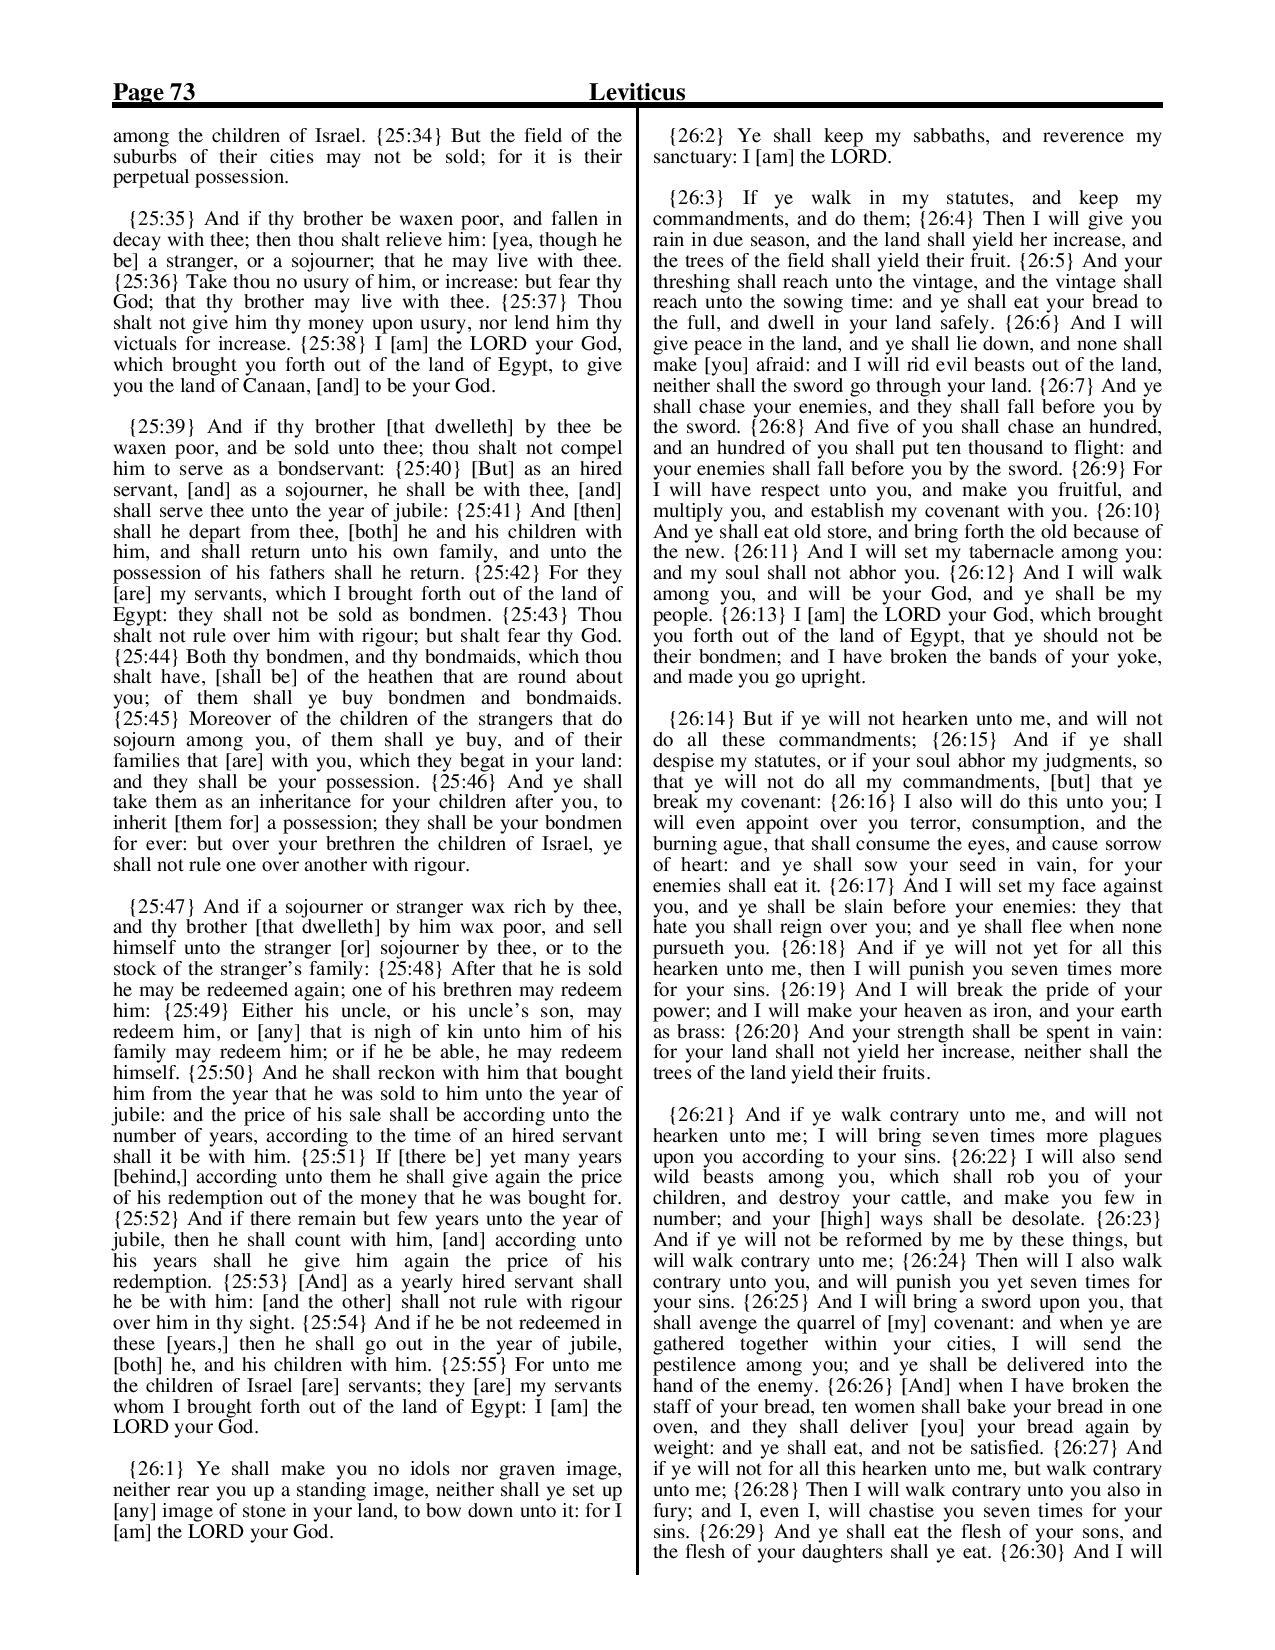 King-James-Bible-KJV-Bible-PDF-page-094